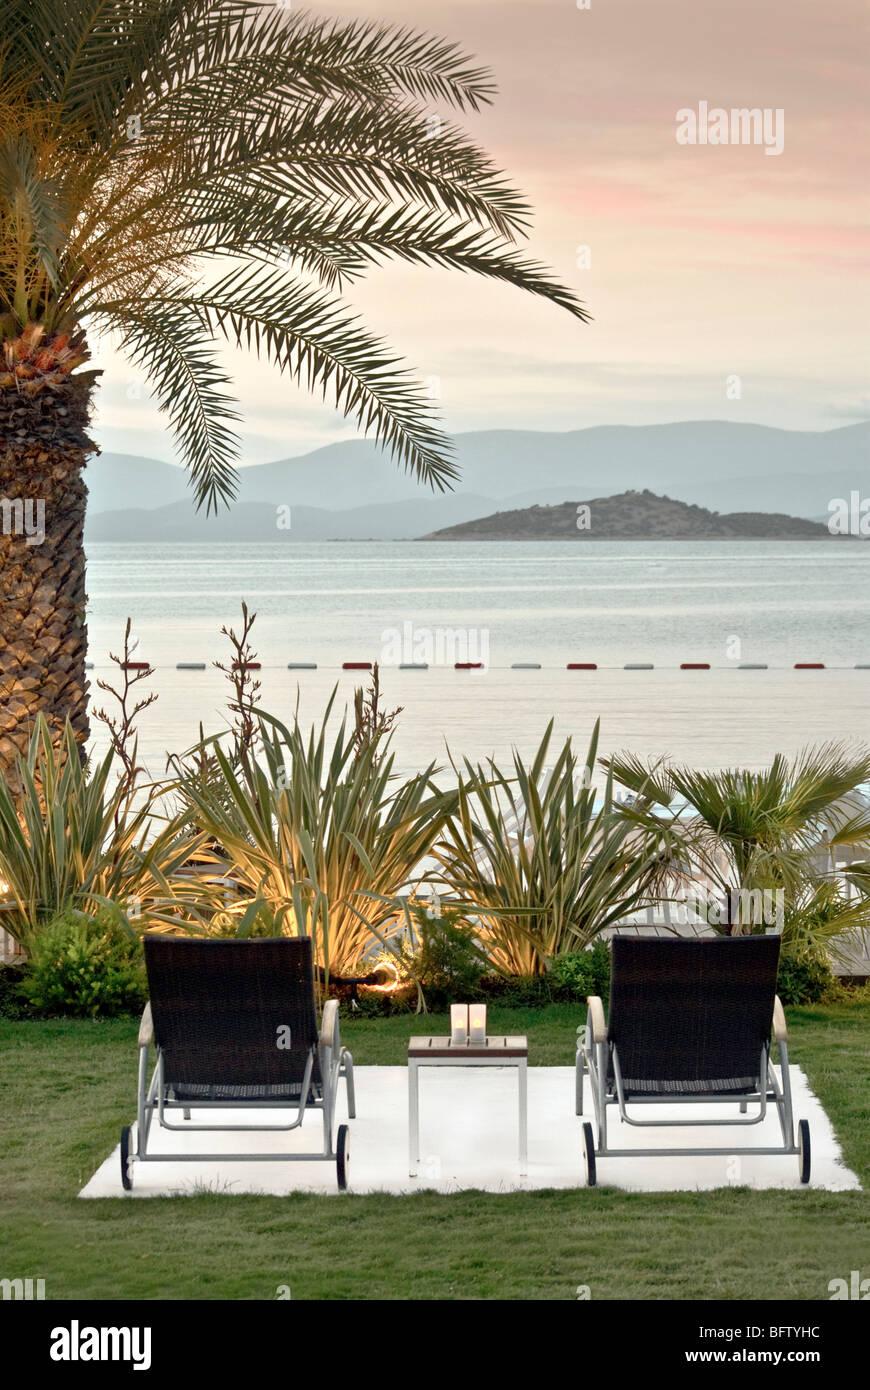 Hotel resort en las playas tropicales Imagen De Stock